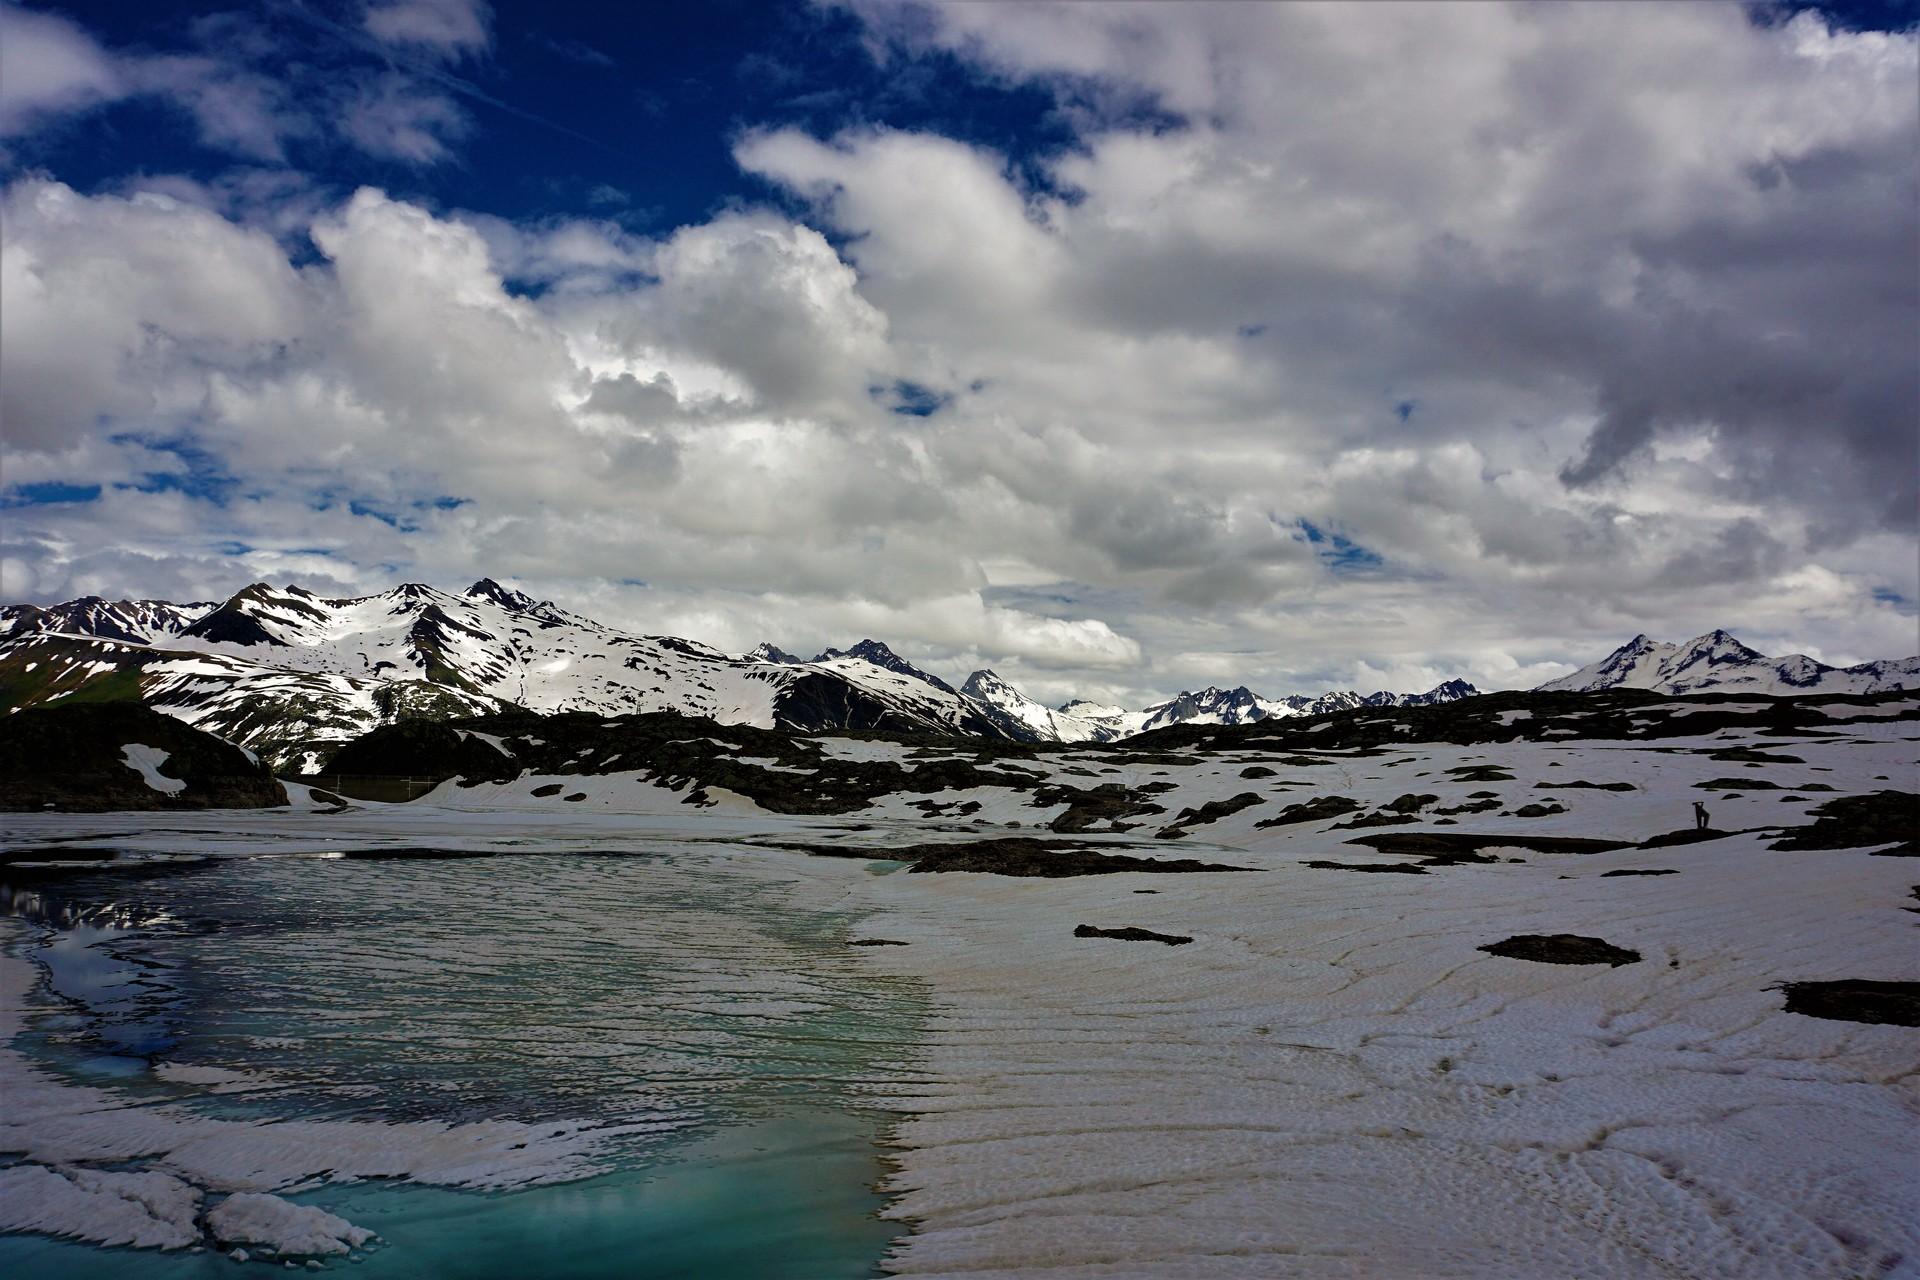 promenade-glace-0afd3494c2f819a11023ce2b